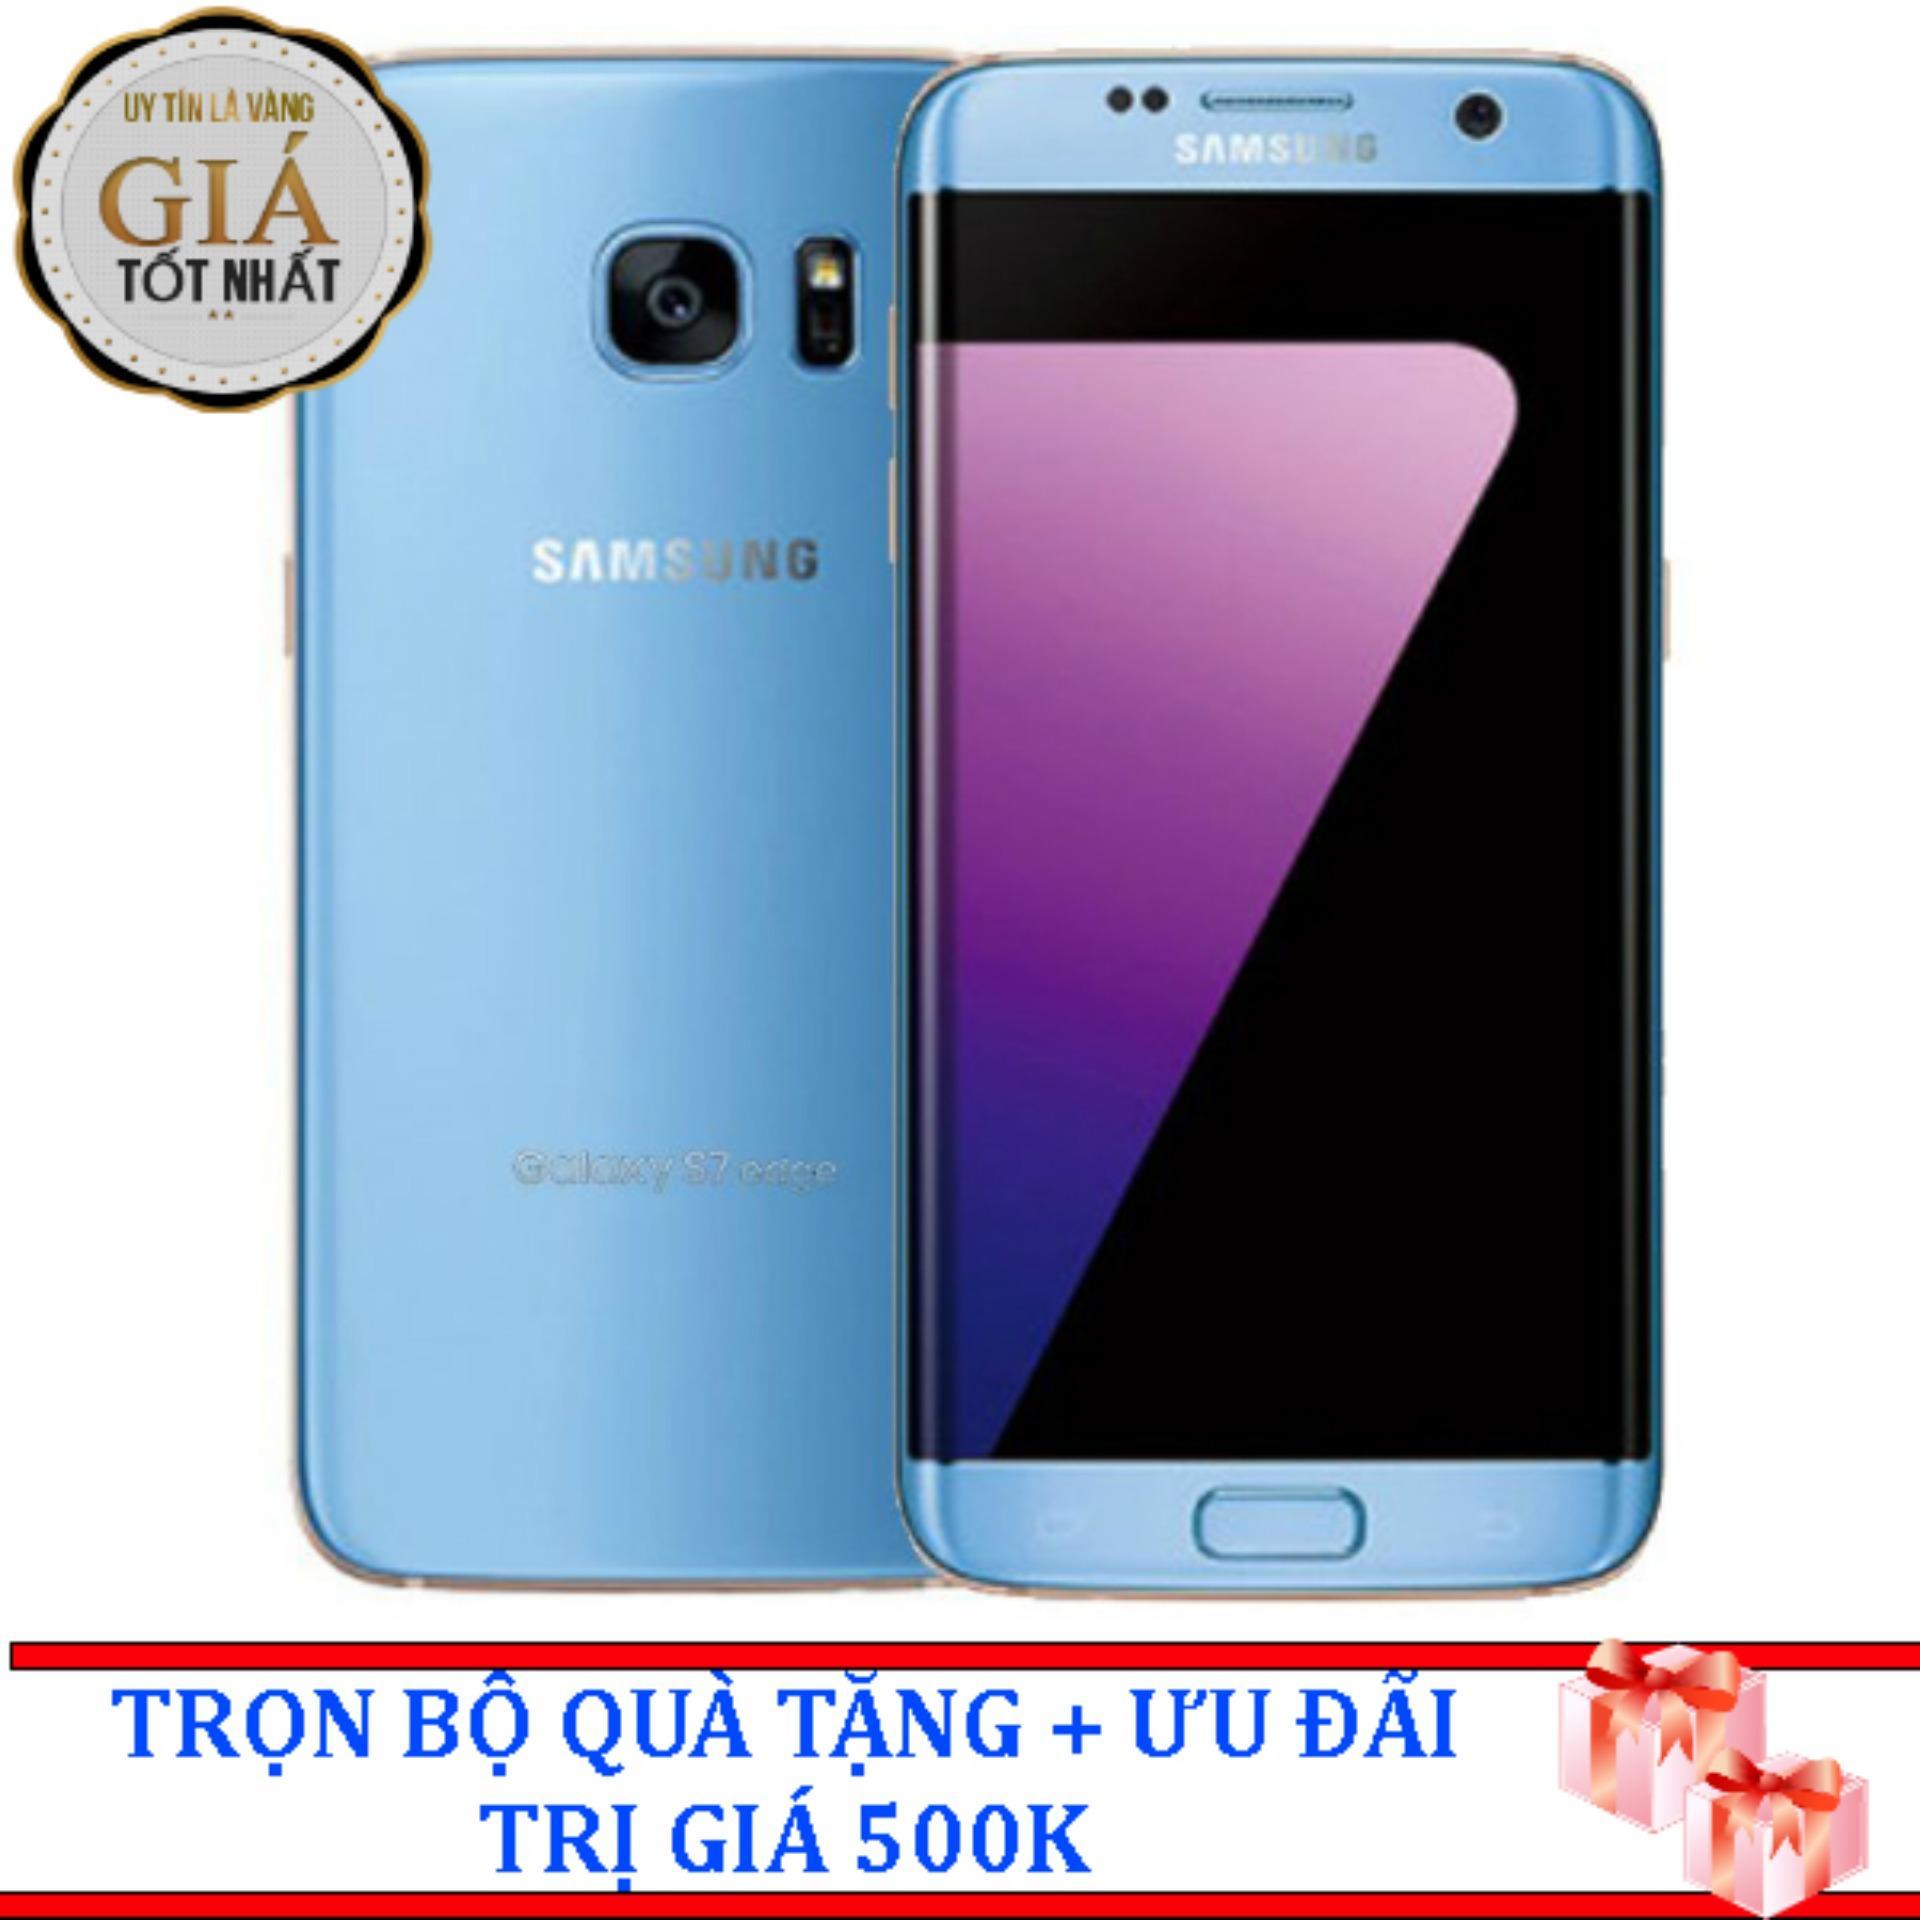 Bán Samsung Galaxy S7 Edge 32Gb Xanh Coral Hang Nhập Khẩu Mới